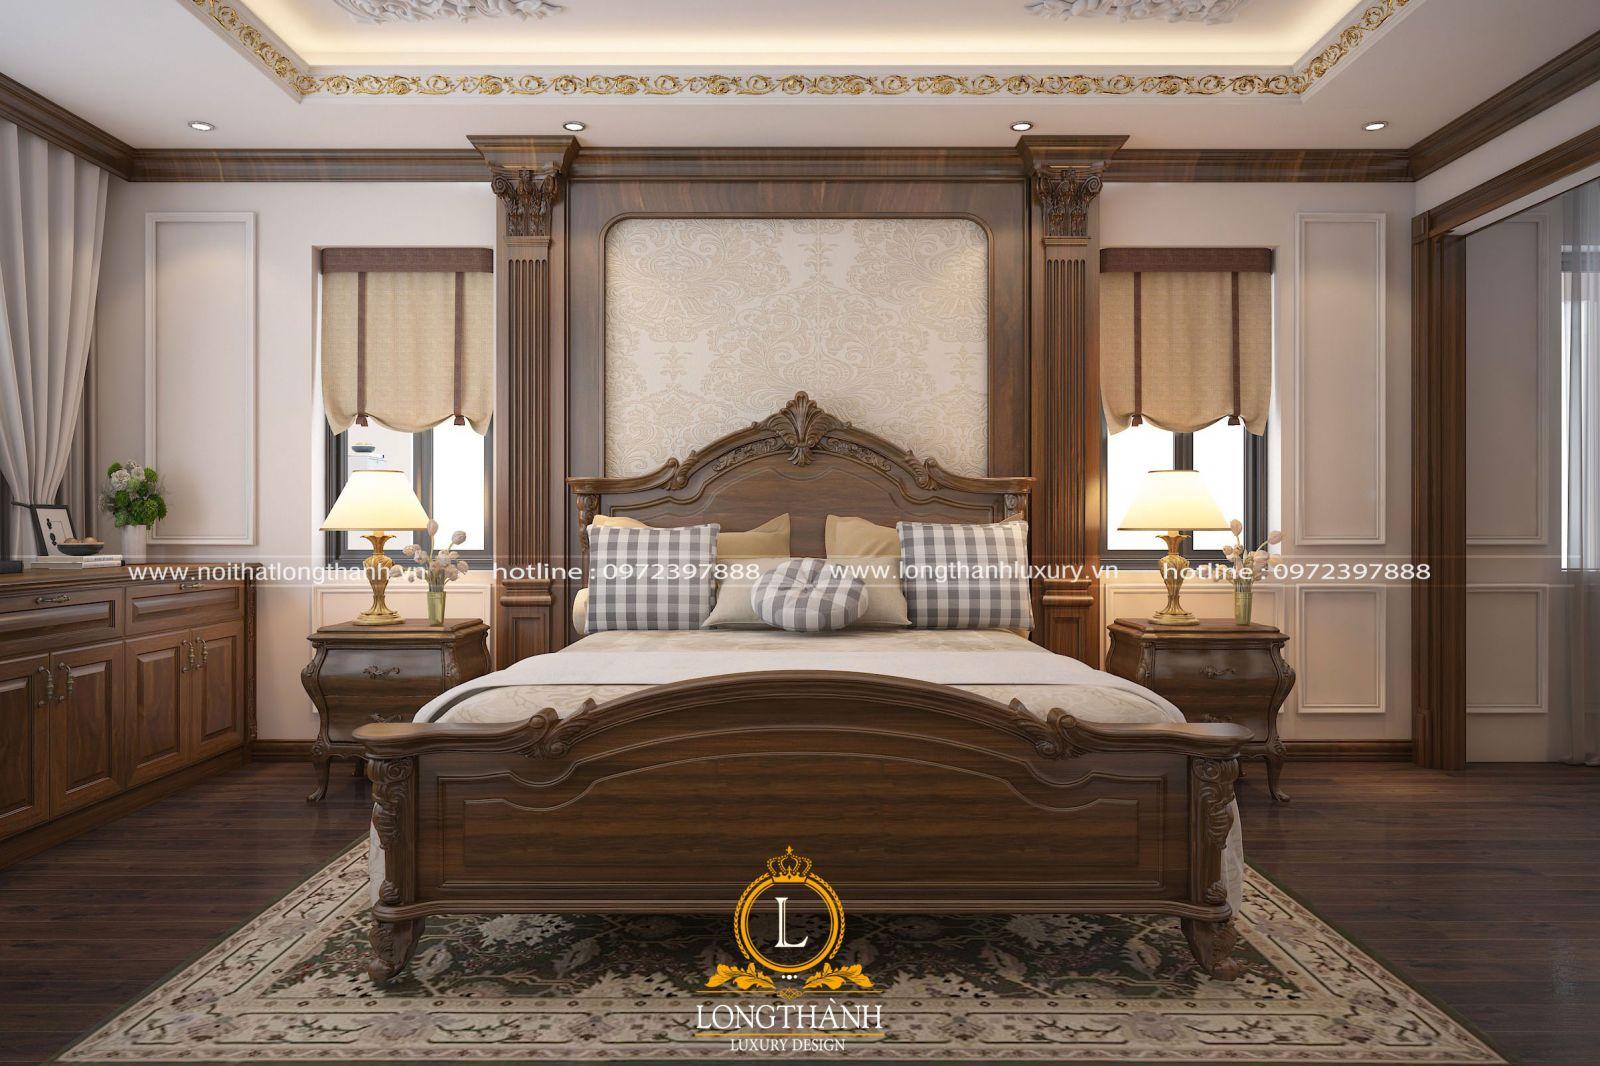 Giường ngủ phong cách tân cổ điển được làm từ gỗ Sồi cao cấp